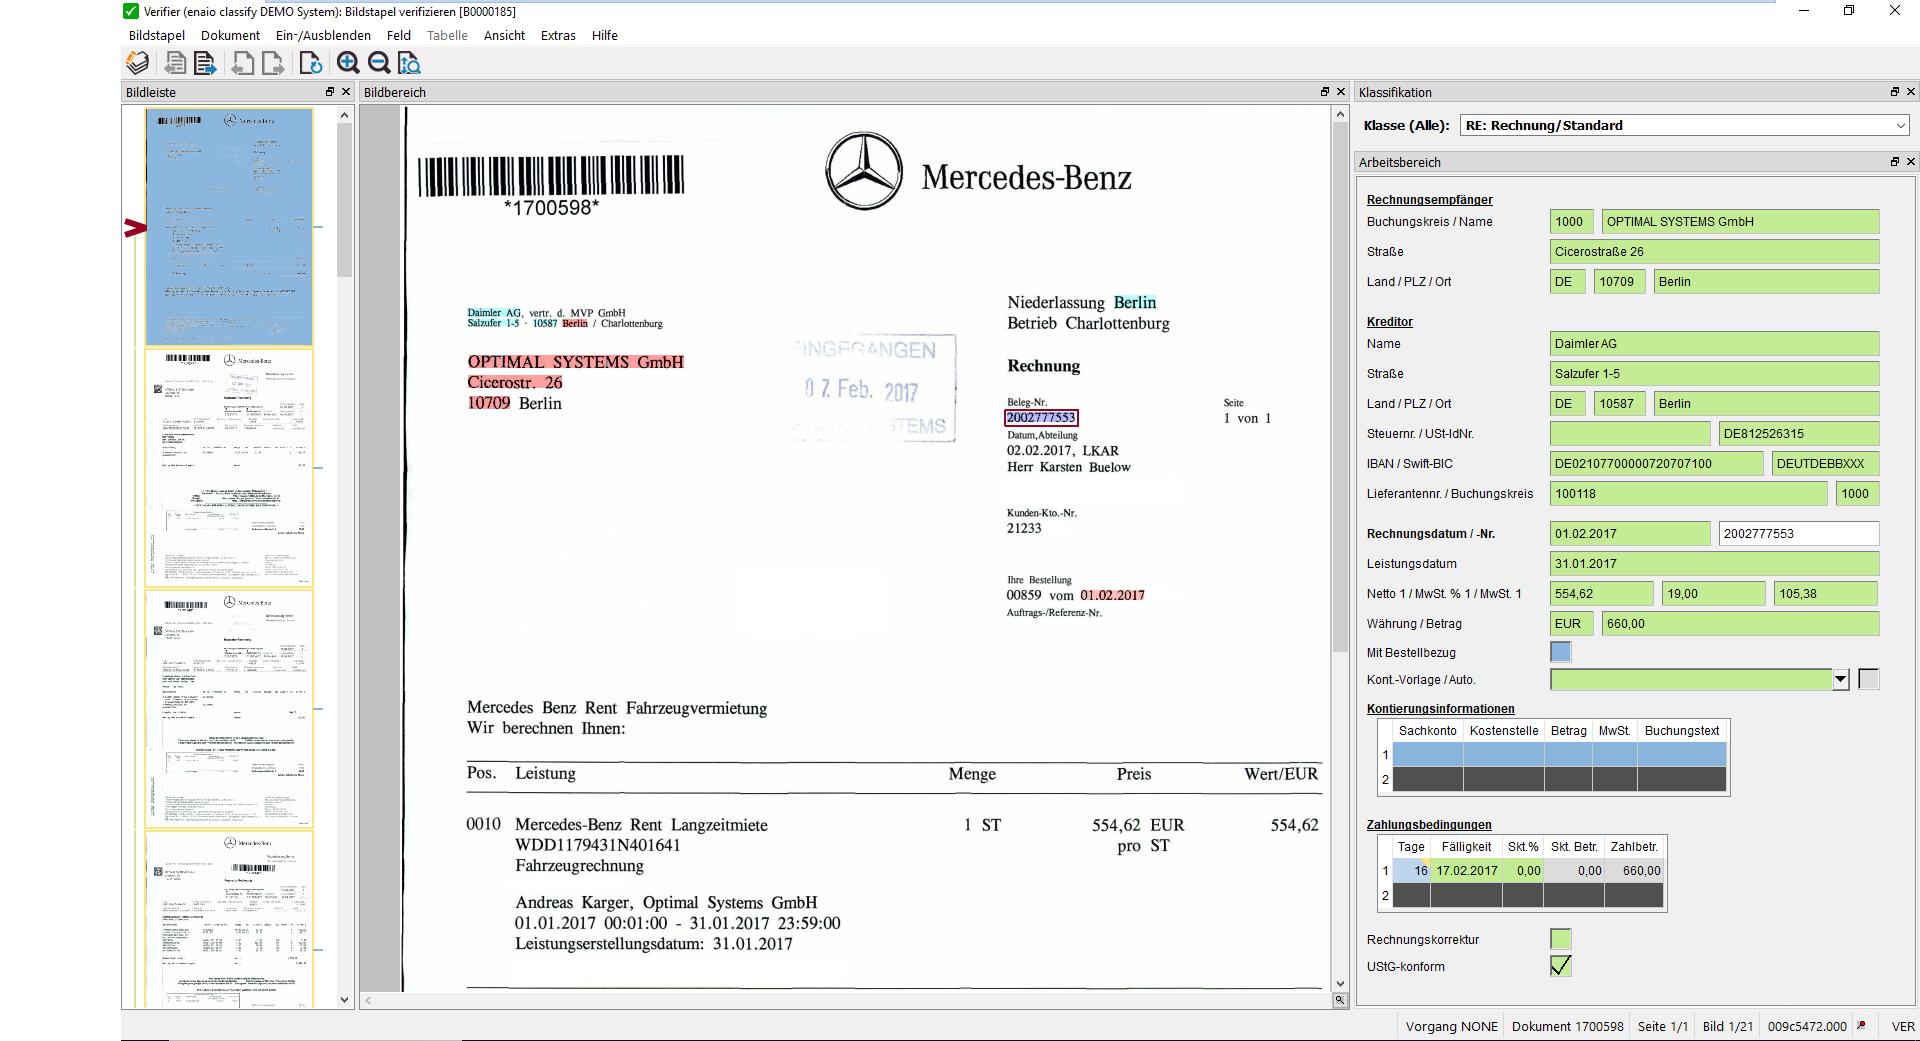 Auf dem Screenshot sieht man die Benutzeroberfläche der Rechnungsprüfung in enaio® classify.